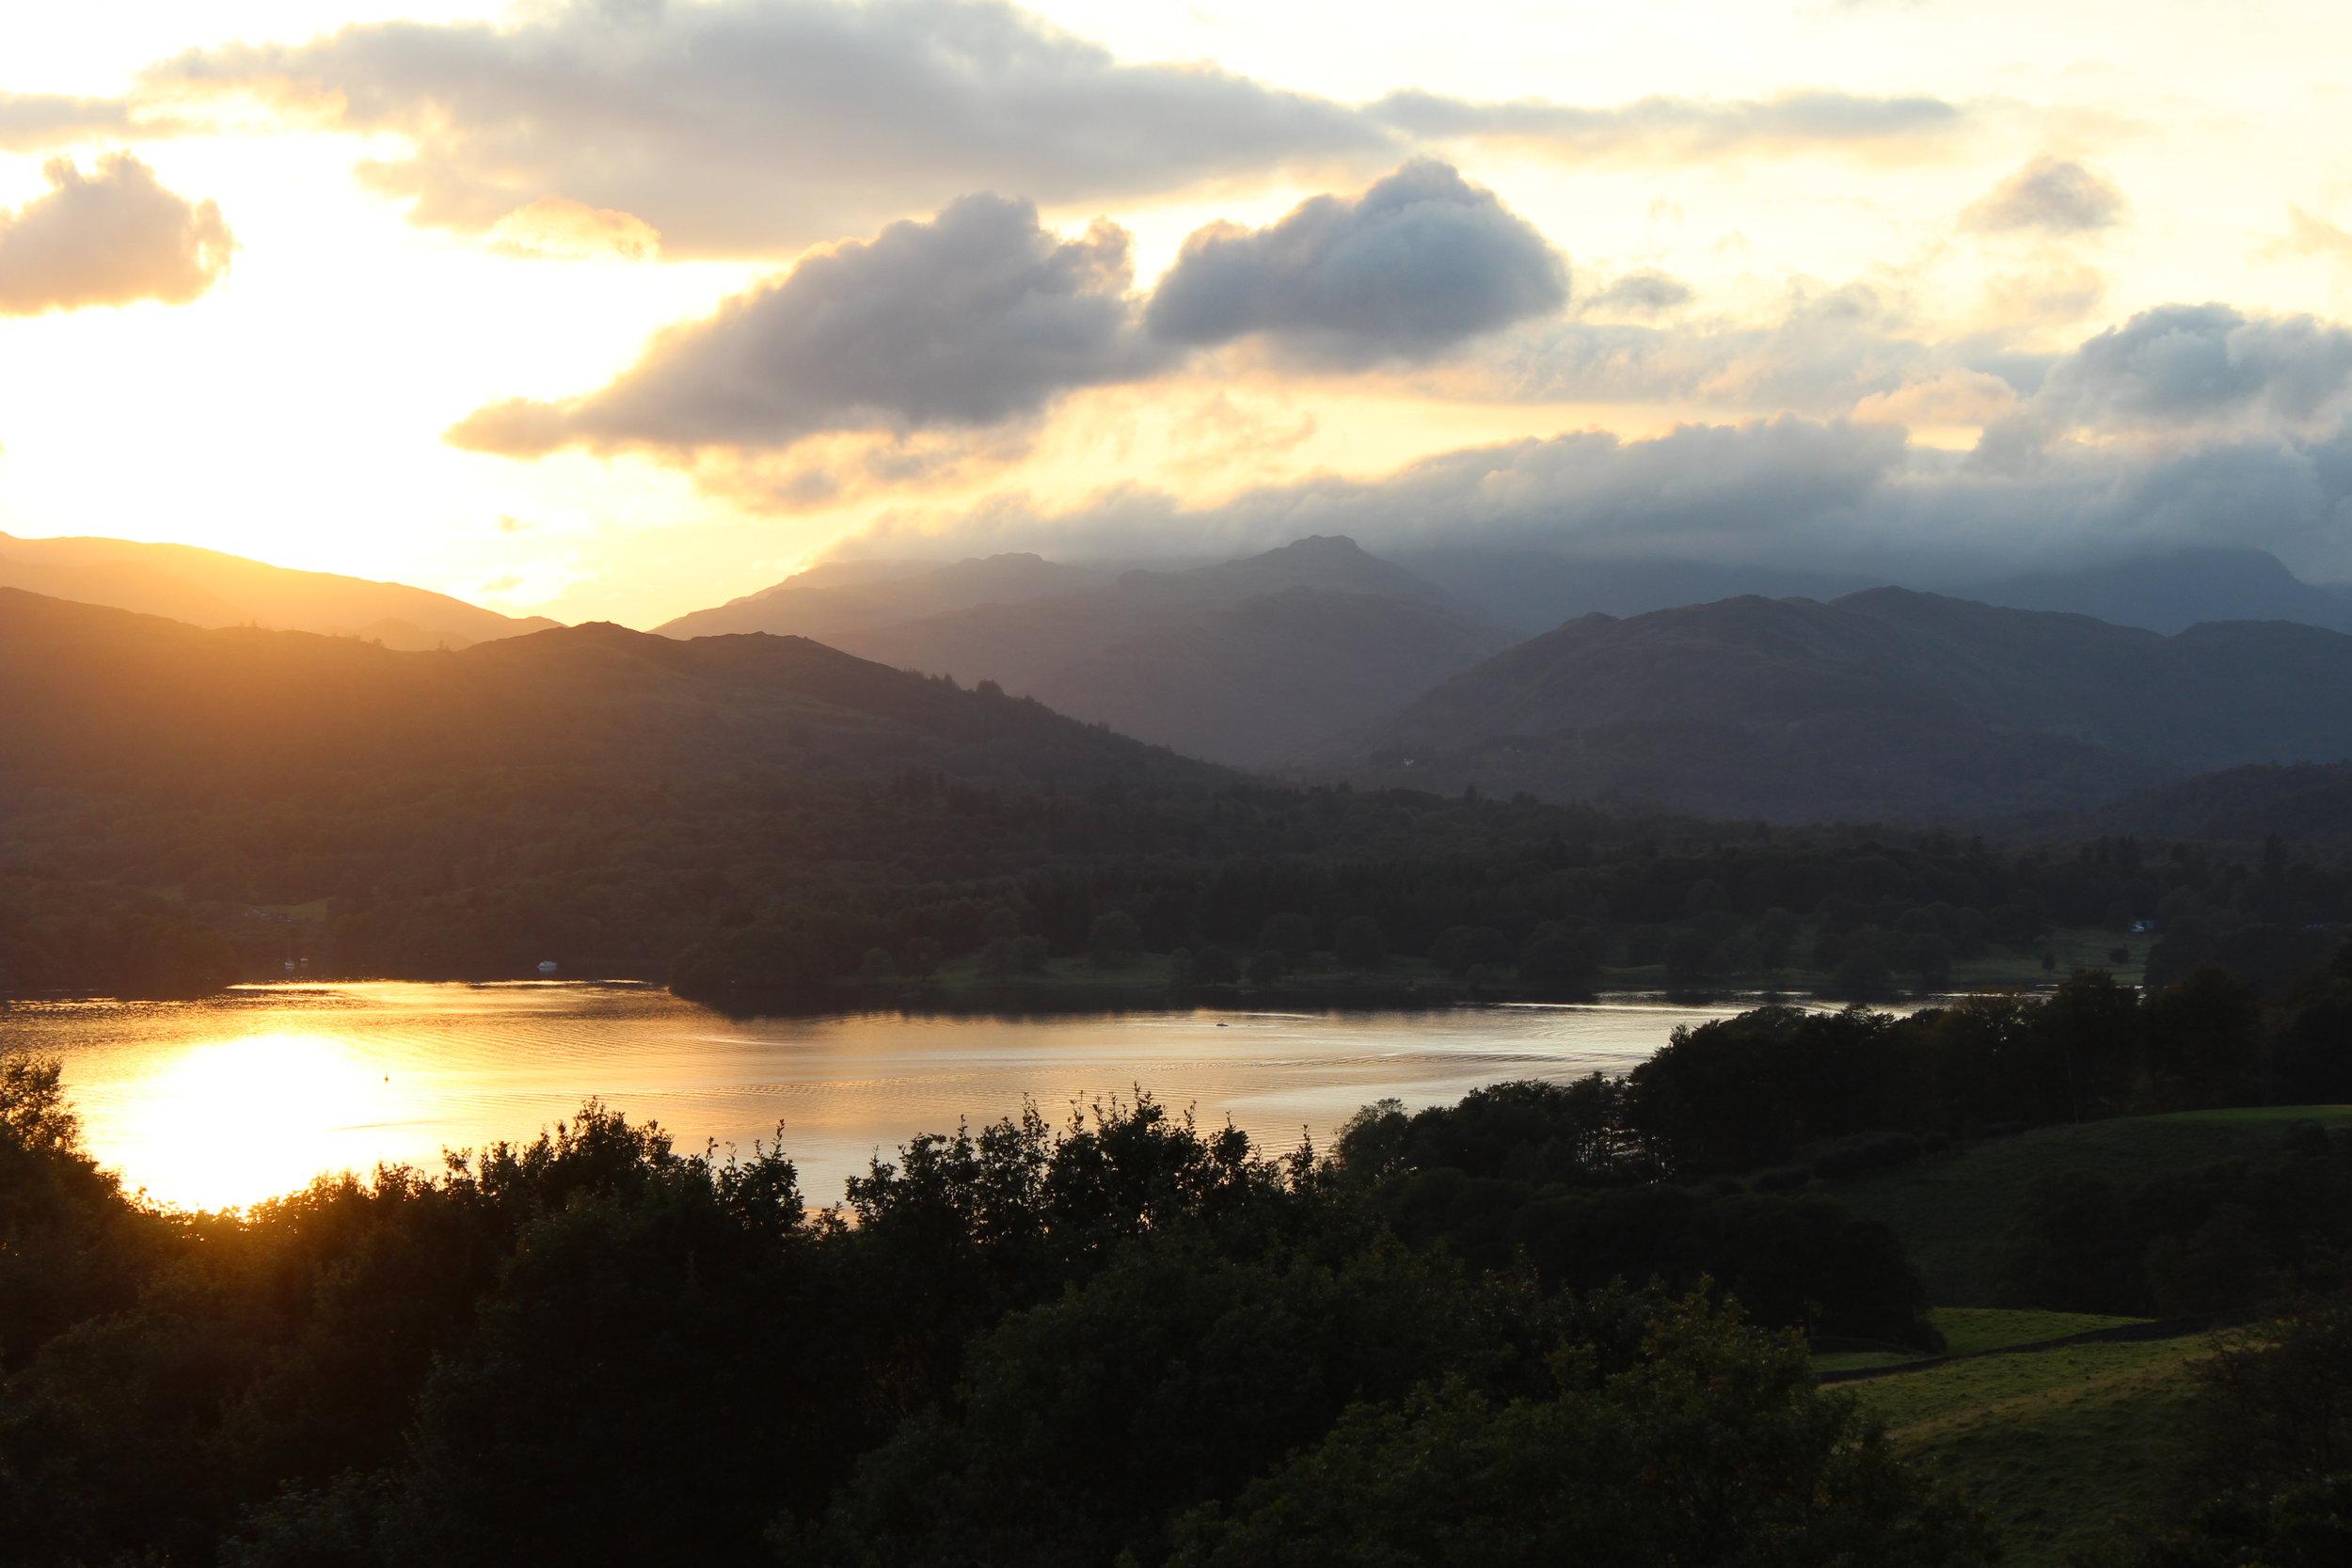 sunset lake district england.JPG